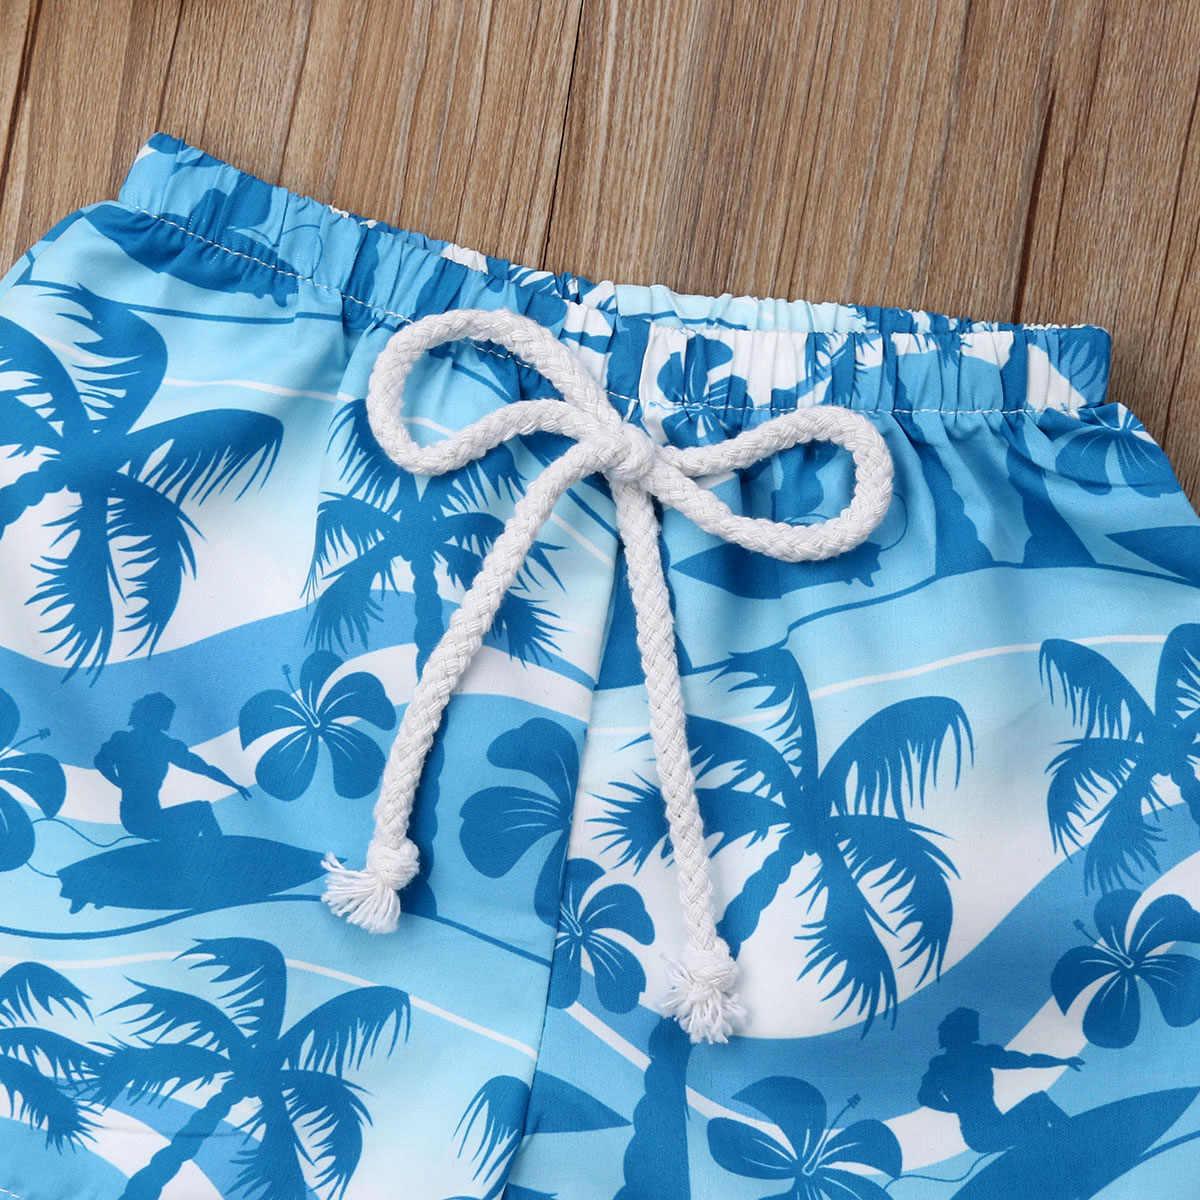 2019 Baby boy Hawaii cintura elástica pantalones cortos de verano Pantalones cortos de playa traje de baño para chico pequeños